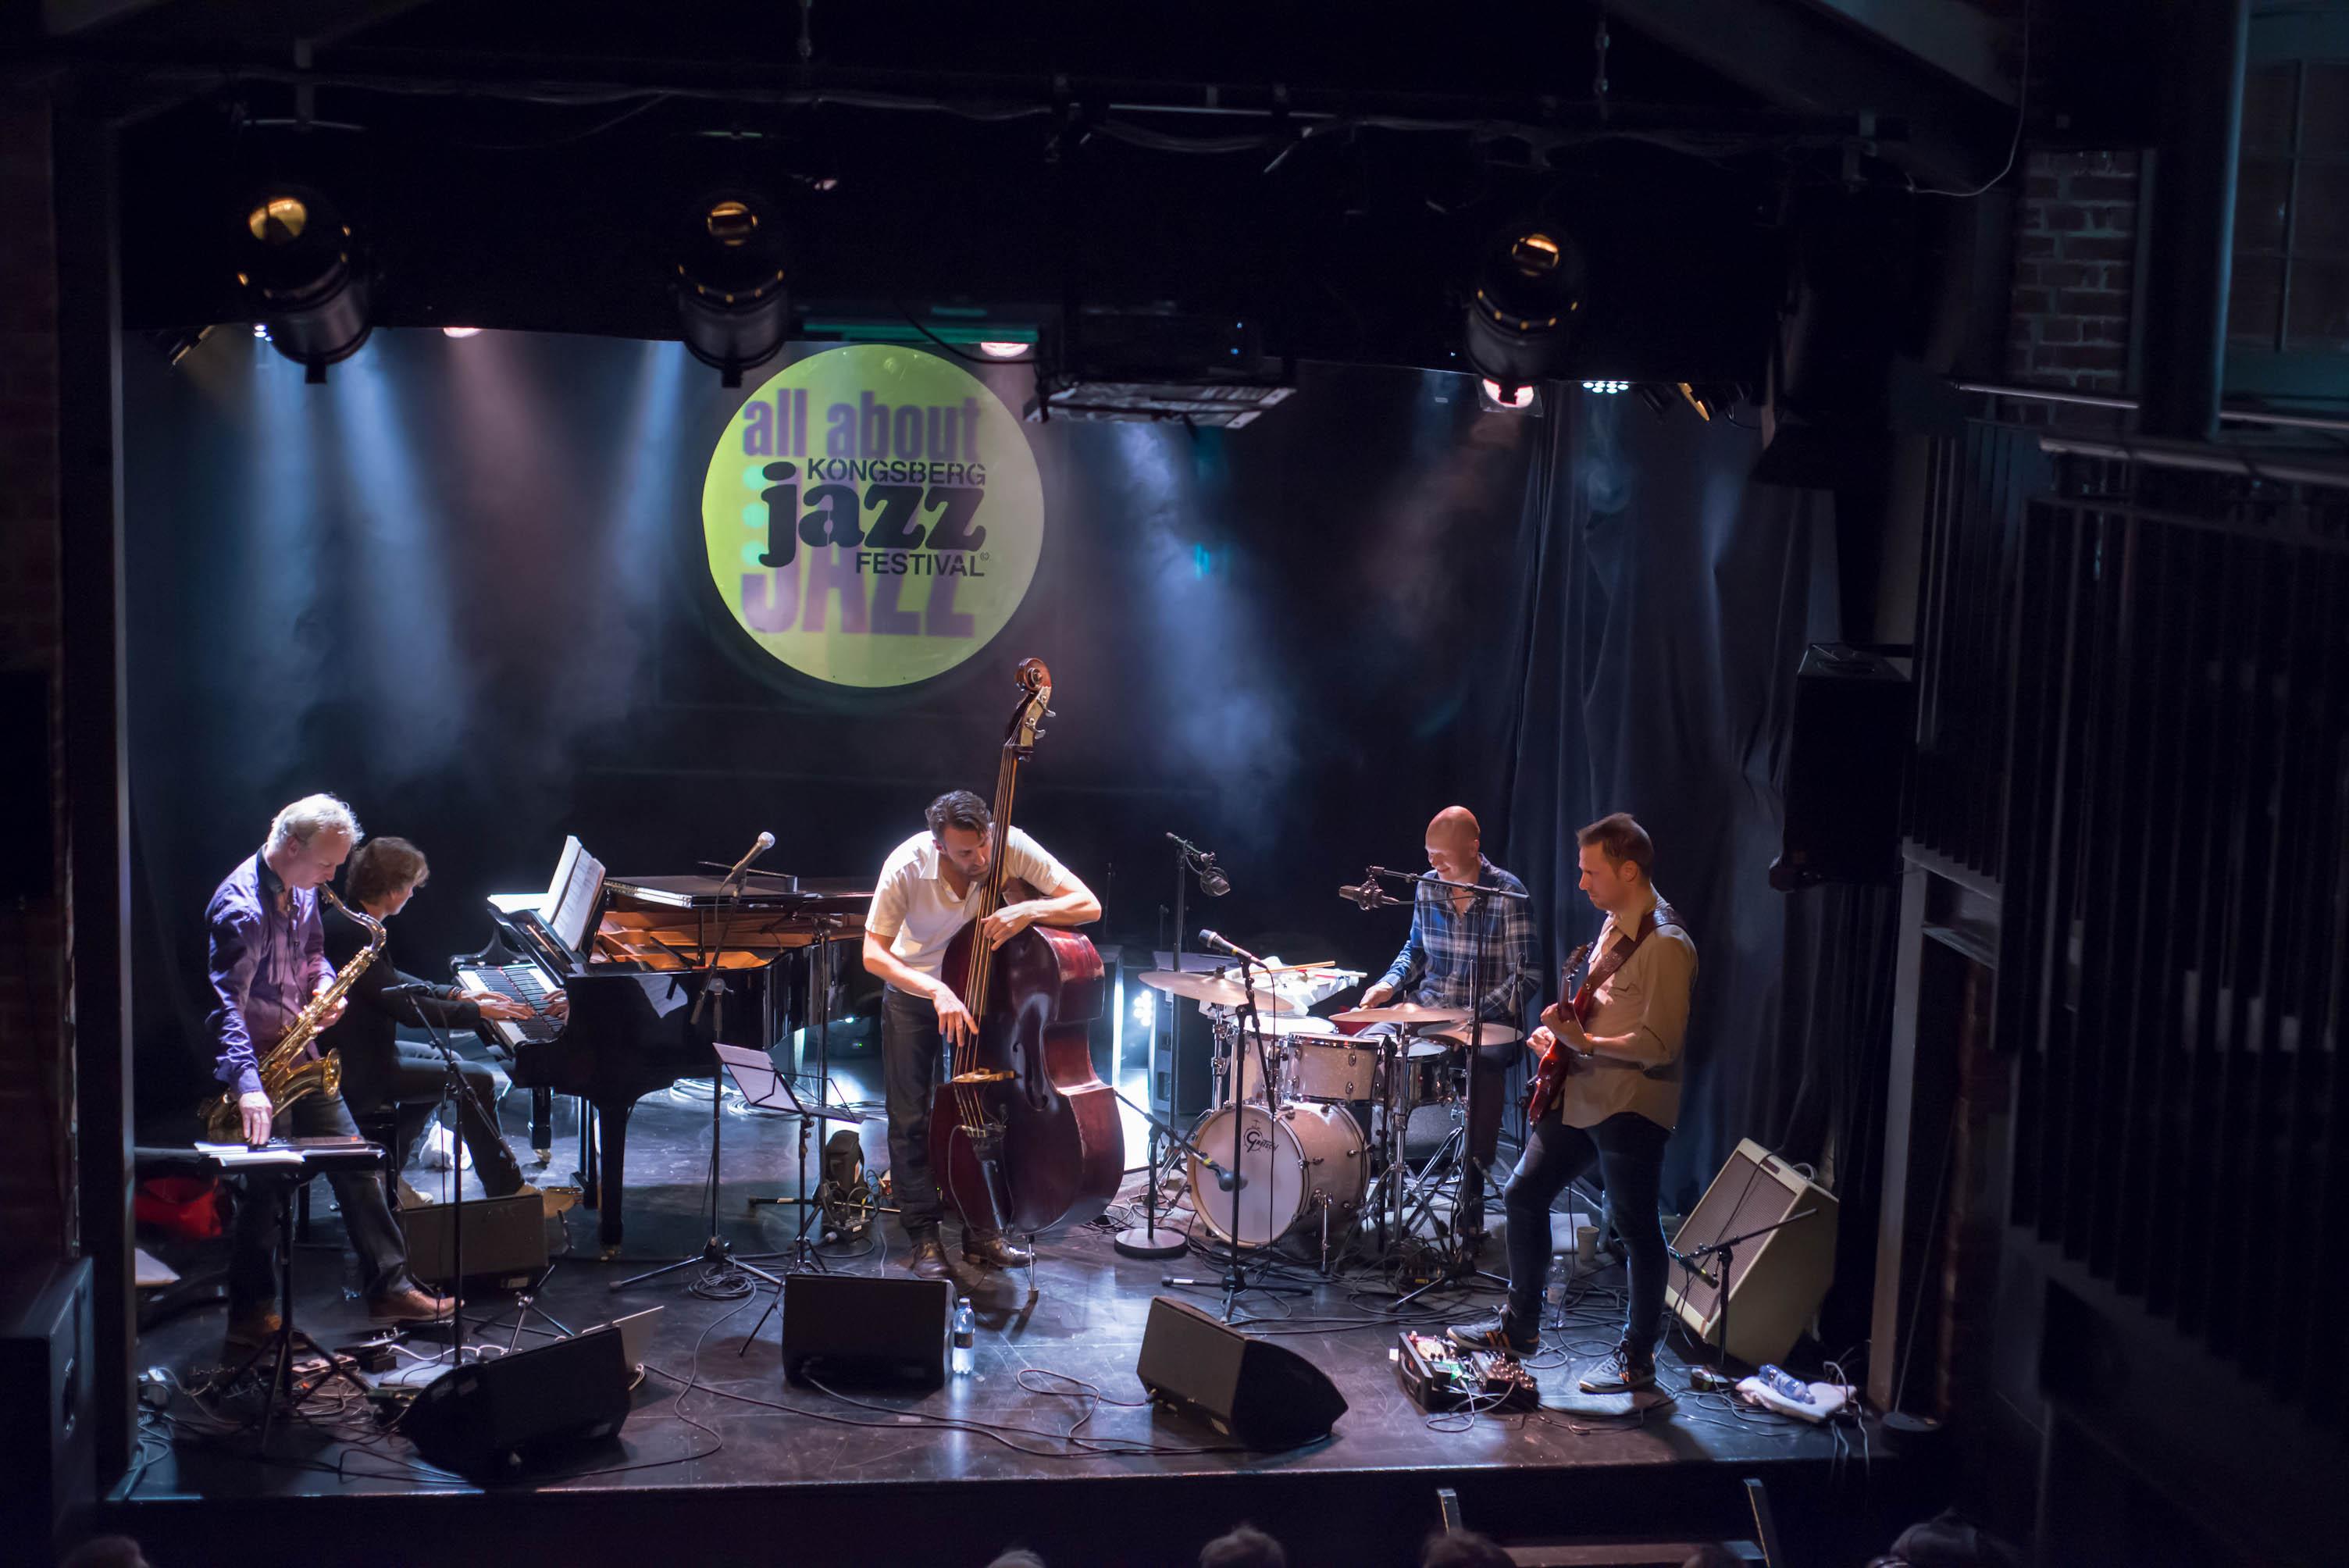 Mats Eilertsen's Skydive, 2012 Kongsberg Jazz Festival